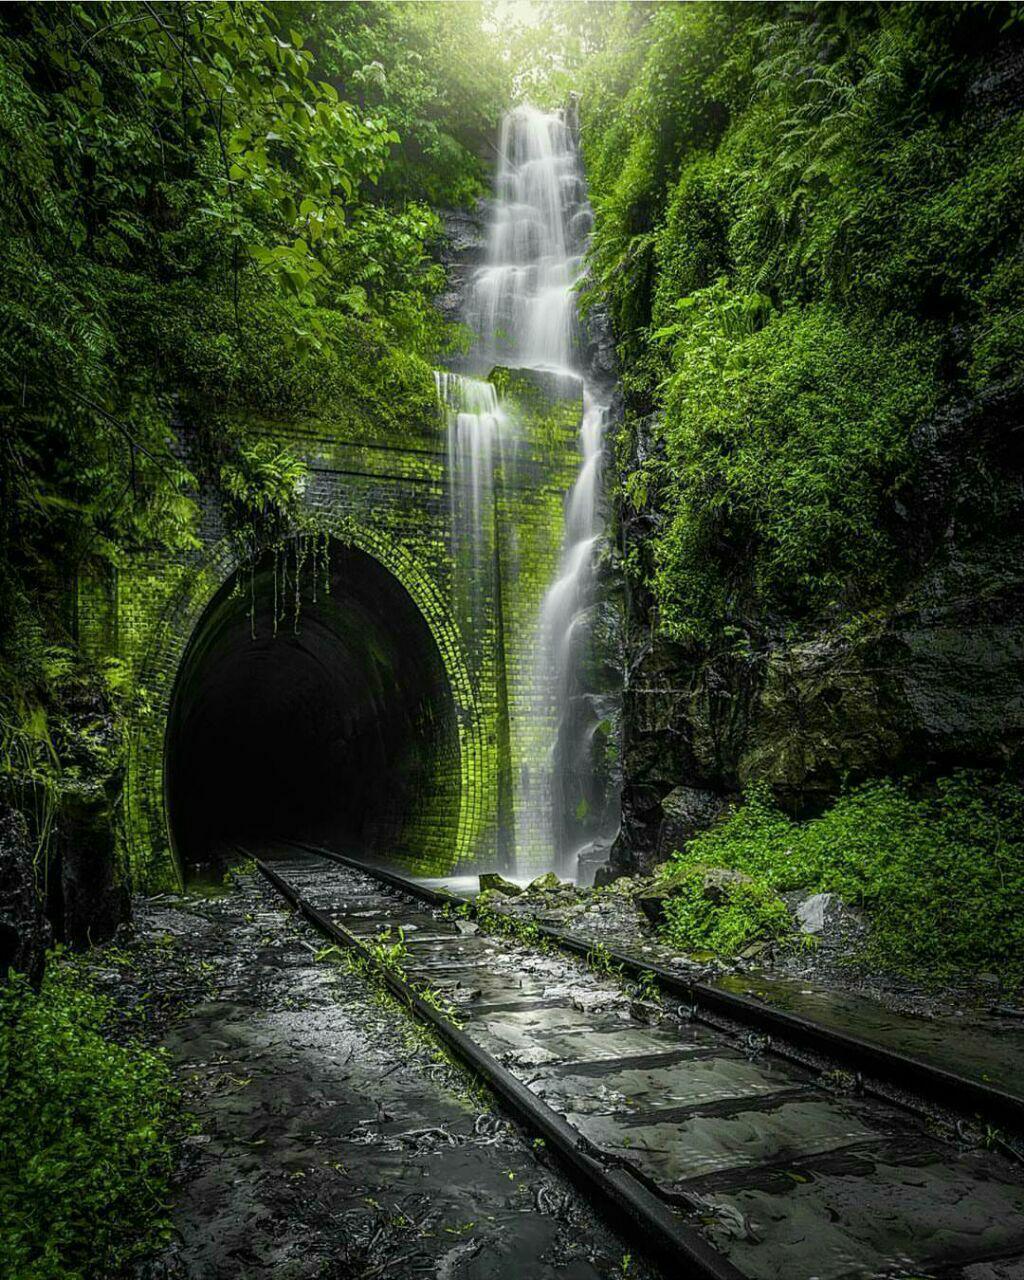 تصاویر نقاشی کعبه تونل زیبای هلینزبور/ تصویر | تونل زیبا و قدیمی هلینزبور ساخته